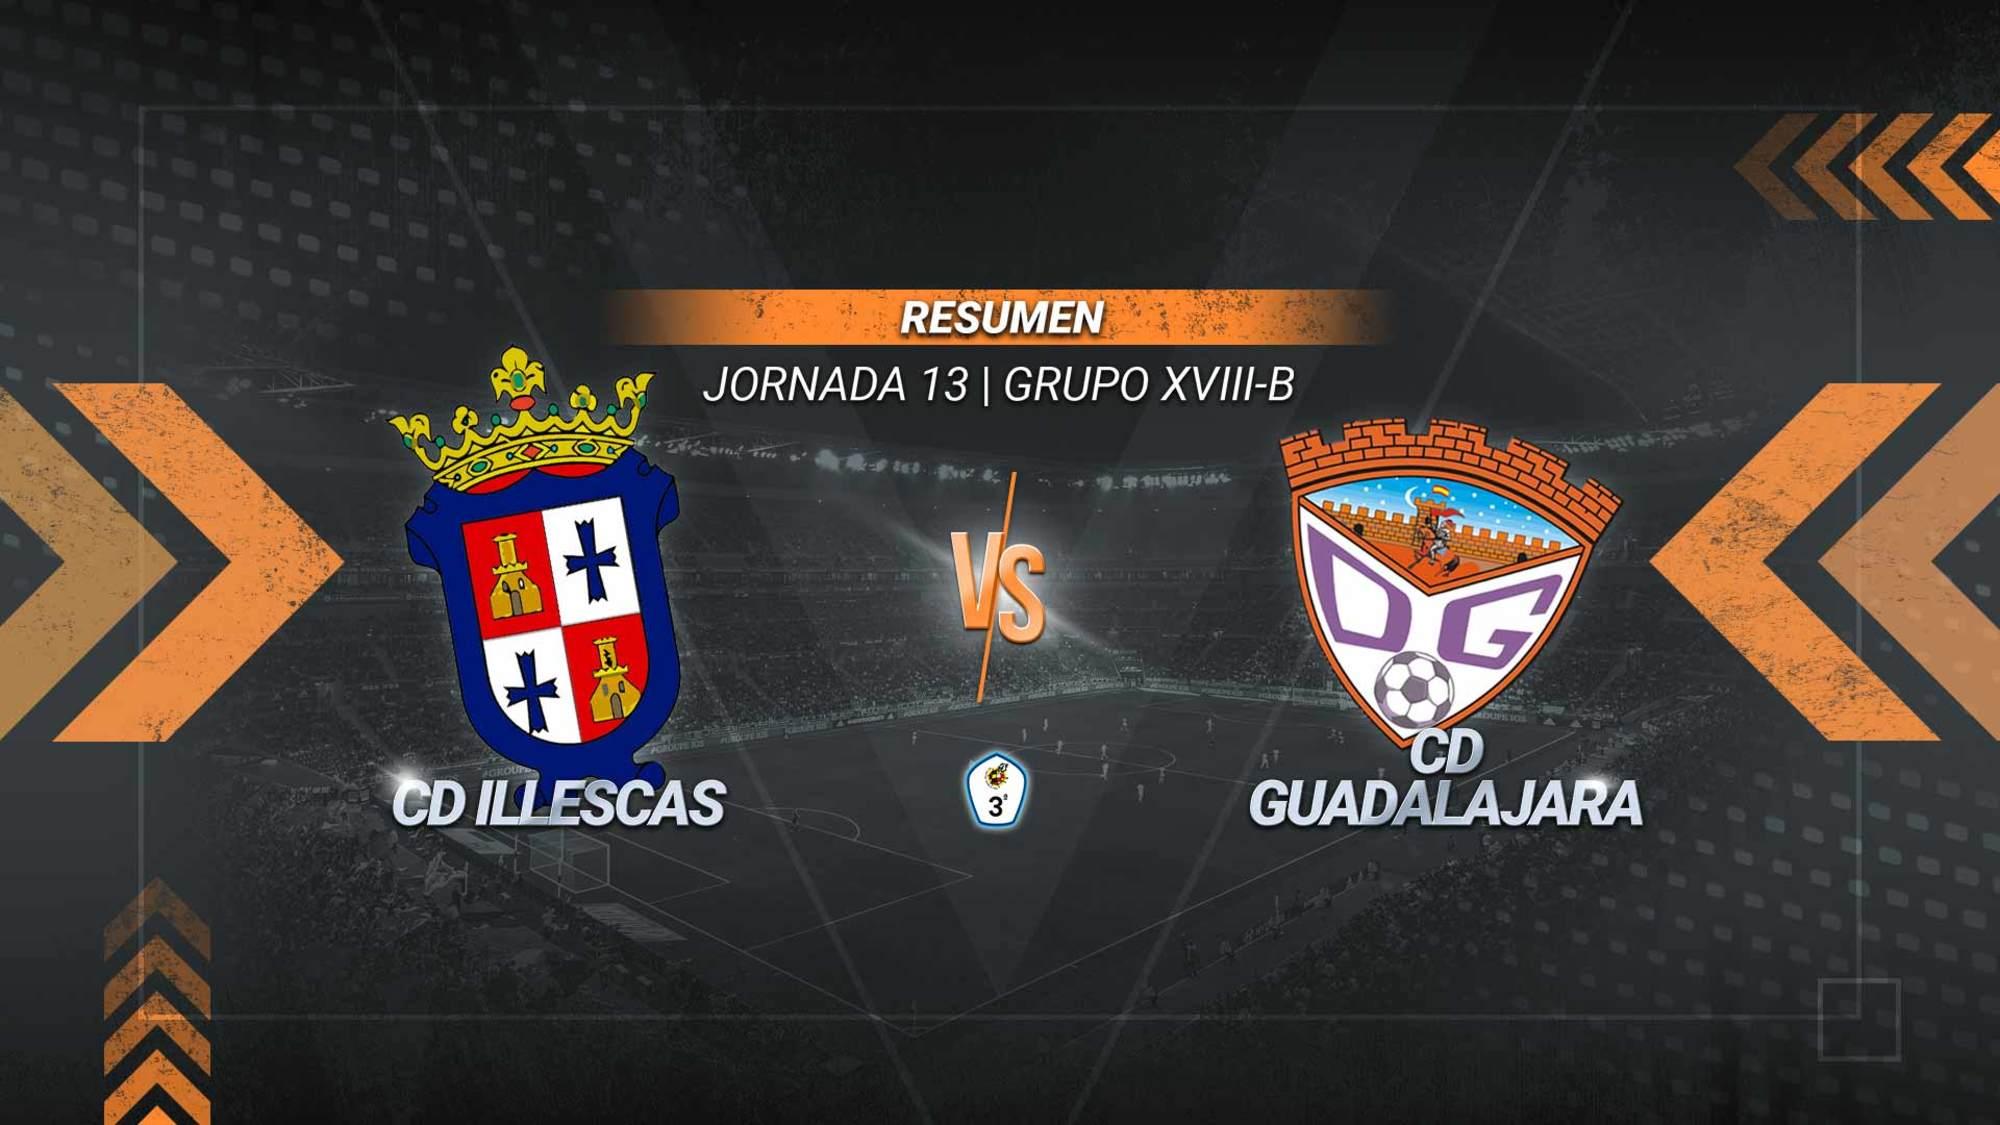 El Guadalajara remonta en Illescas y es segundo de forma provisional. Los goles de Adri Castro, de penalti, y de Miki Capellá en los últimos minutos aúpan a los alcarreños hasta los 20 puntos. El Illescas, en el que anotó Fer Harta, se queda sexto con 14.